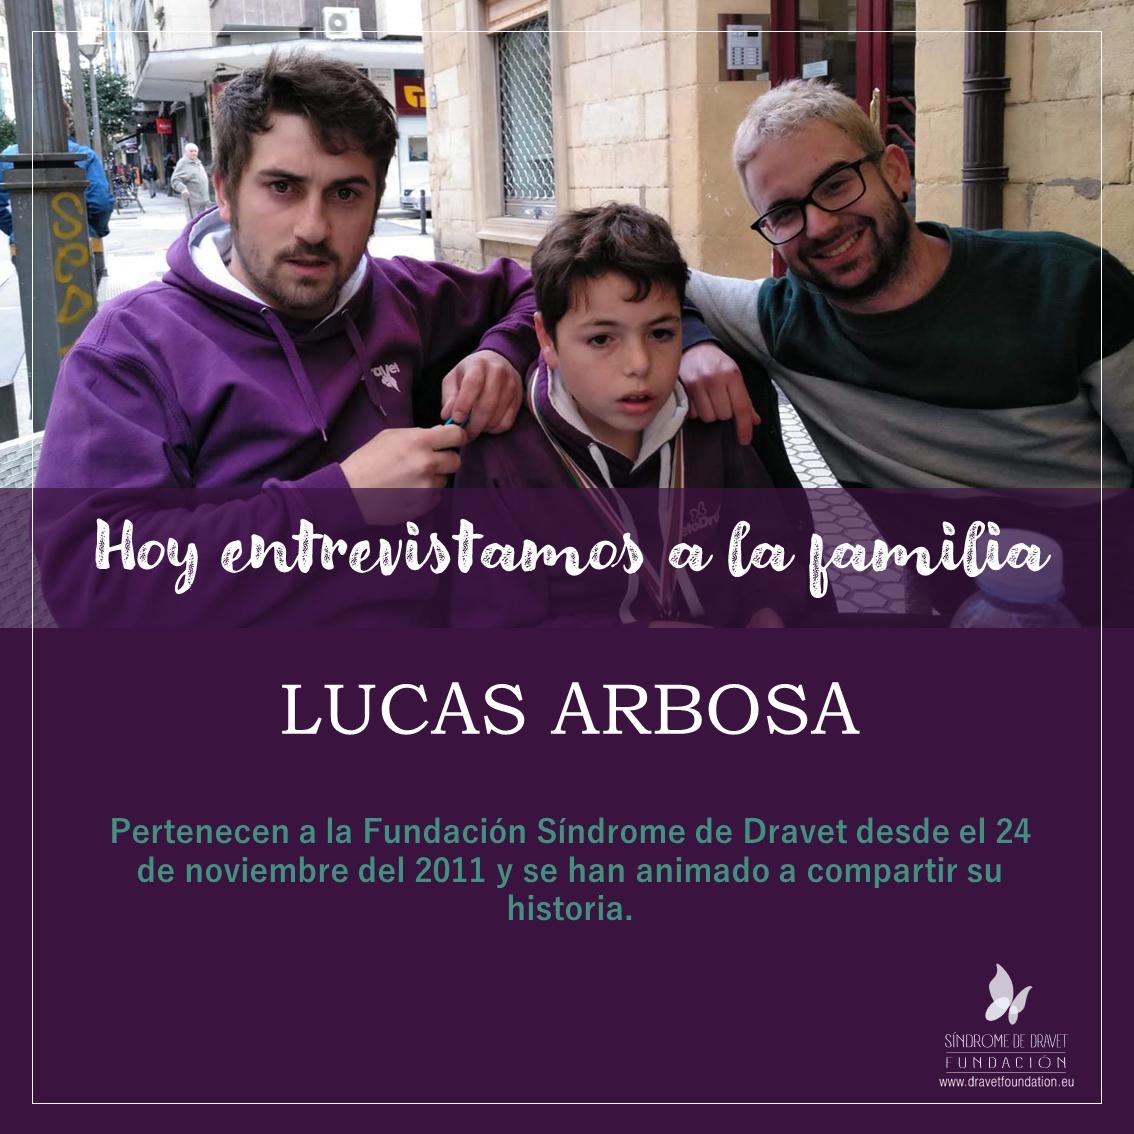 Entrevistamos a la familia Lucas Arbosa